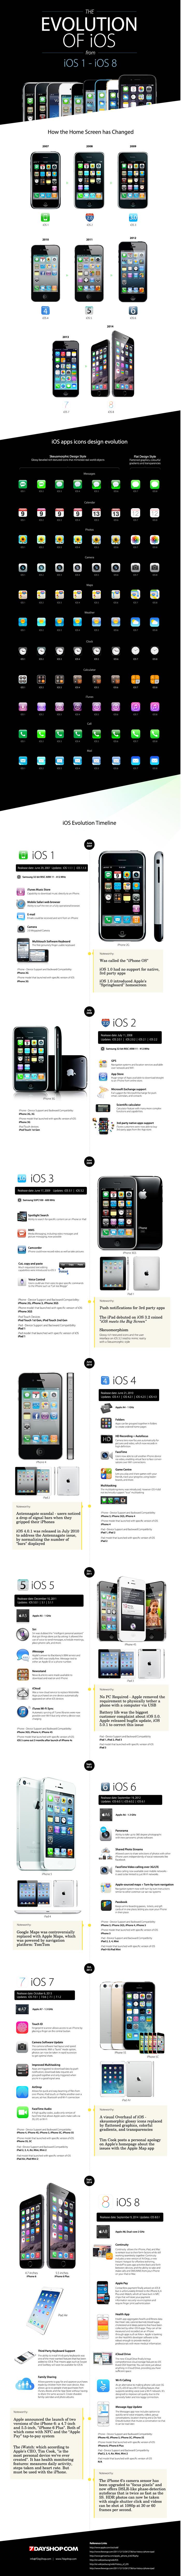 Infographie - Evolutions d'IOS depuis sa création en 2007